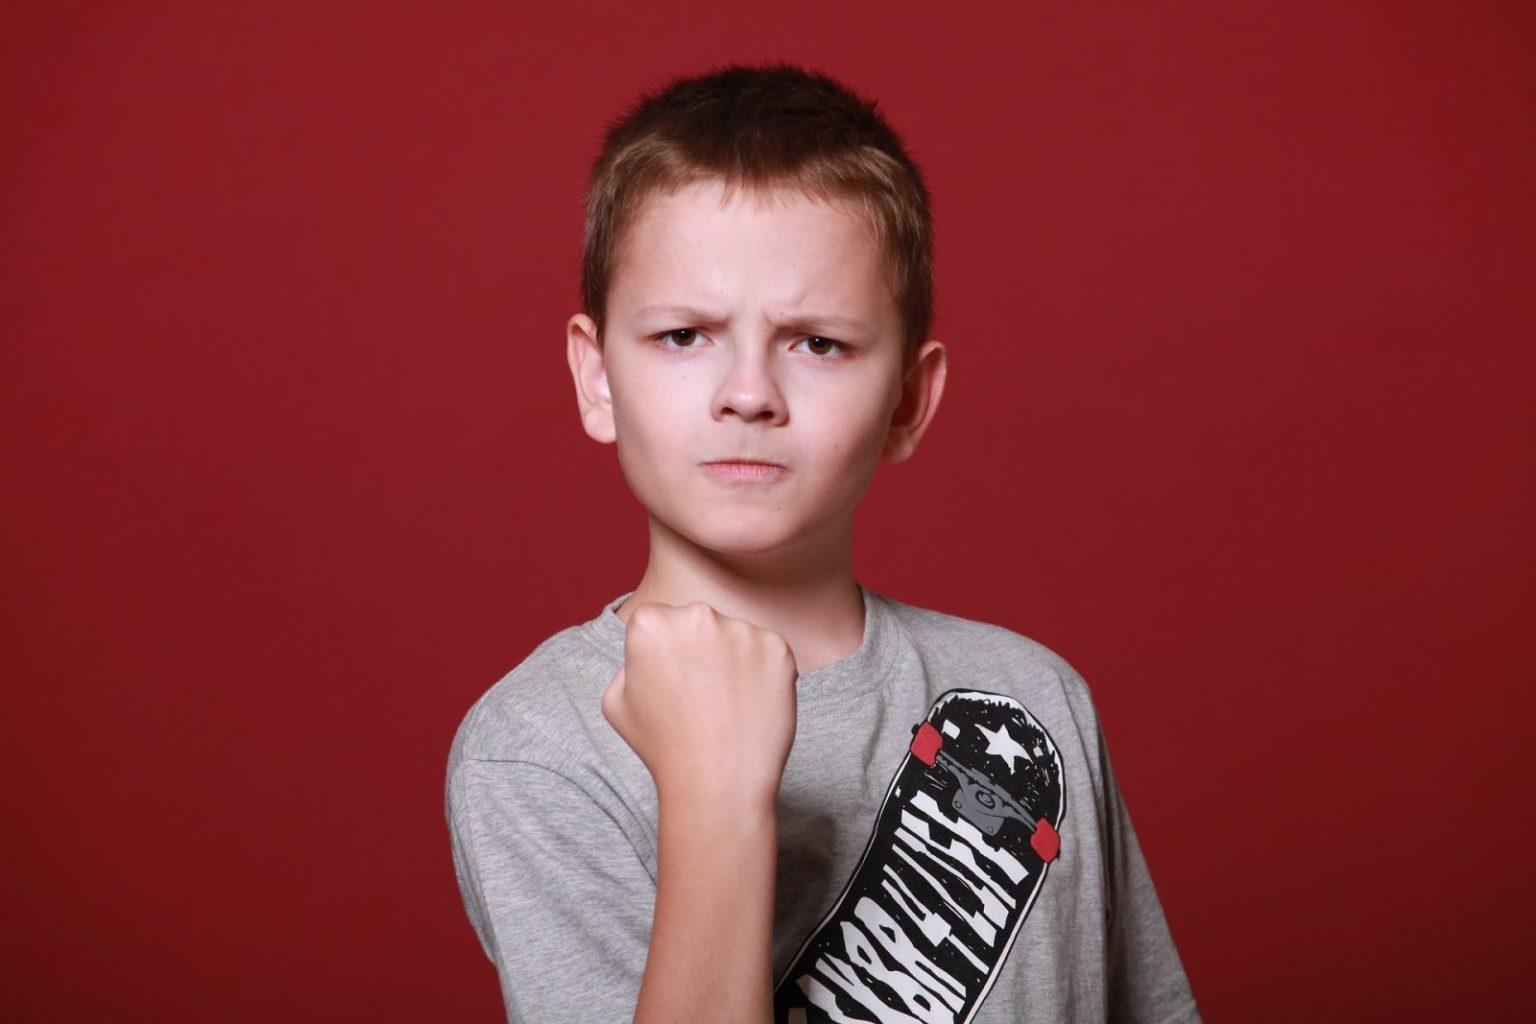 Дистанционное обучение провоцирует бытовое насилие